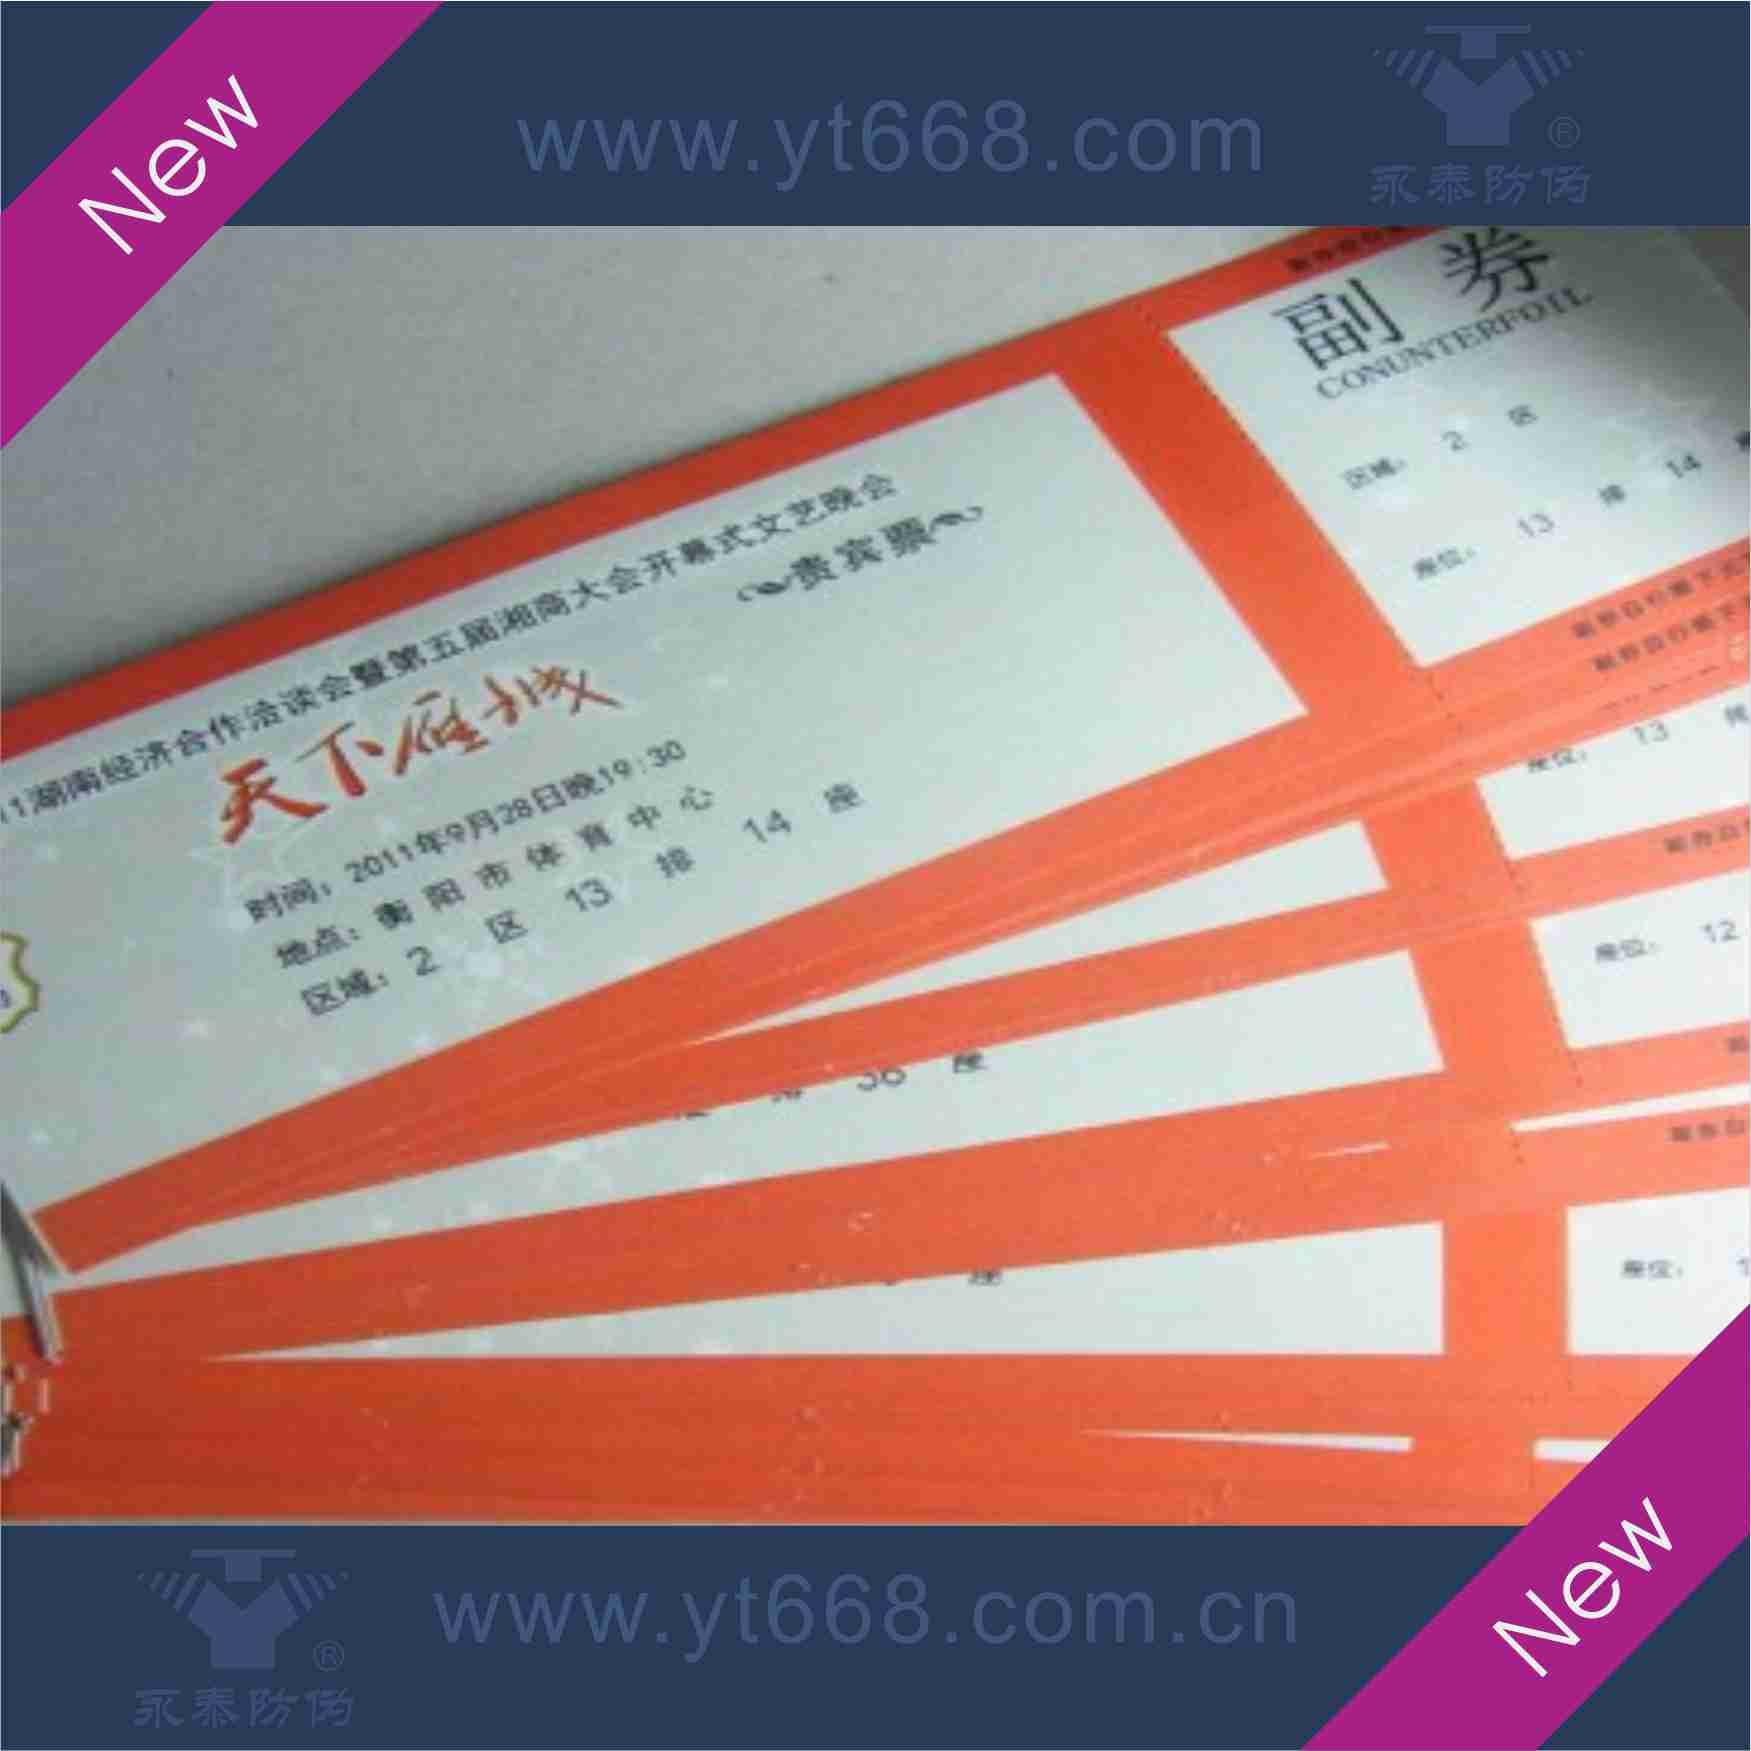 防伪水印门票印刷产品